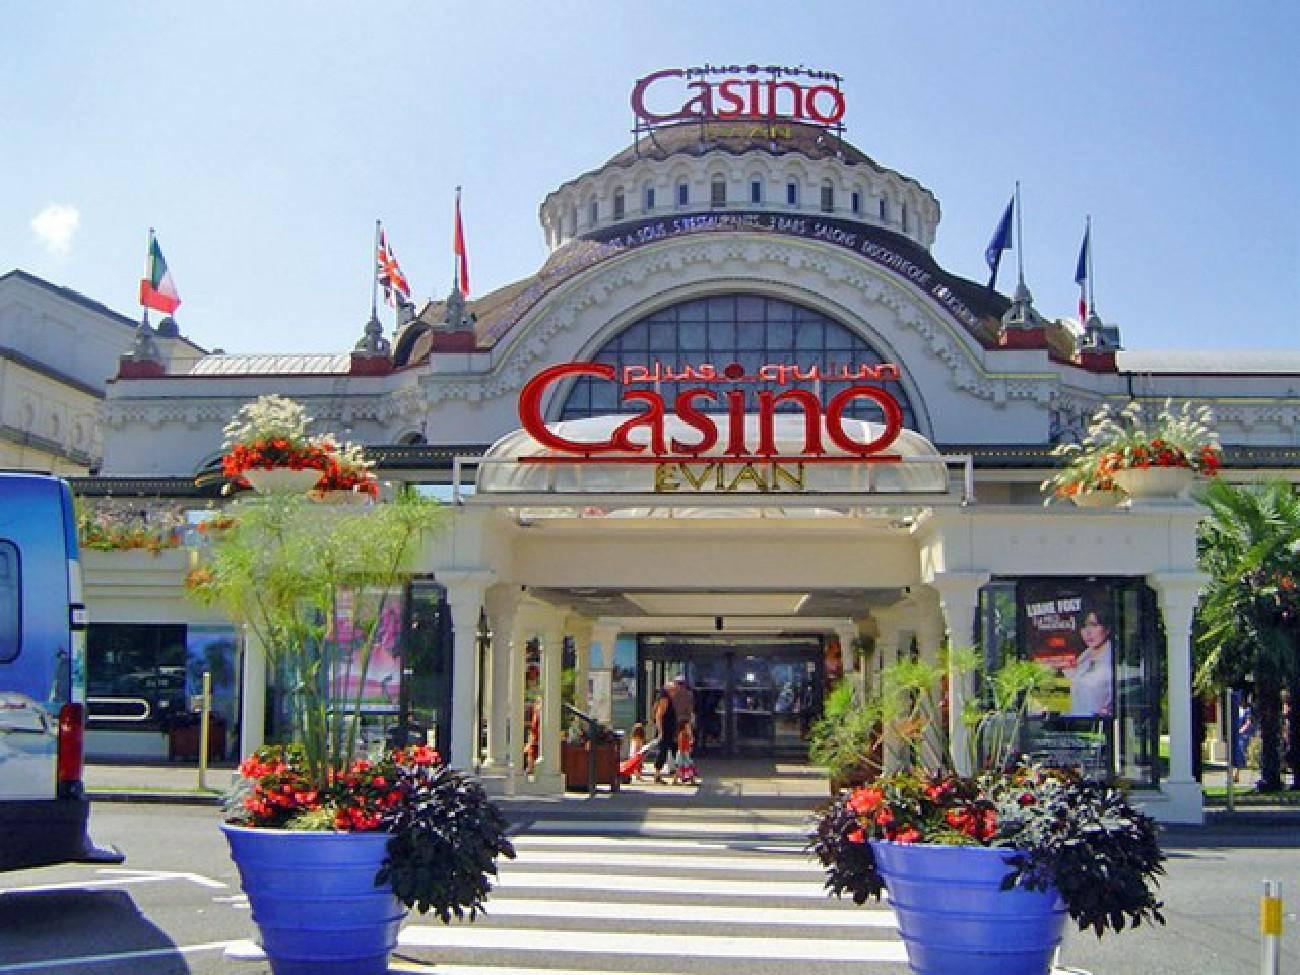 Casino evian les bains